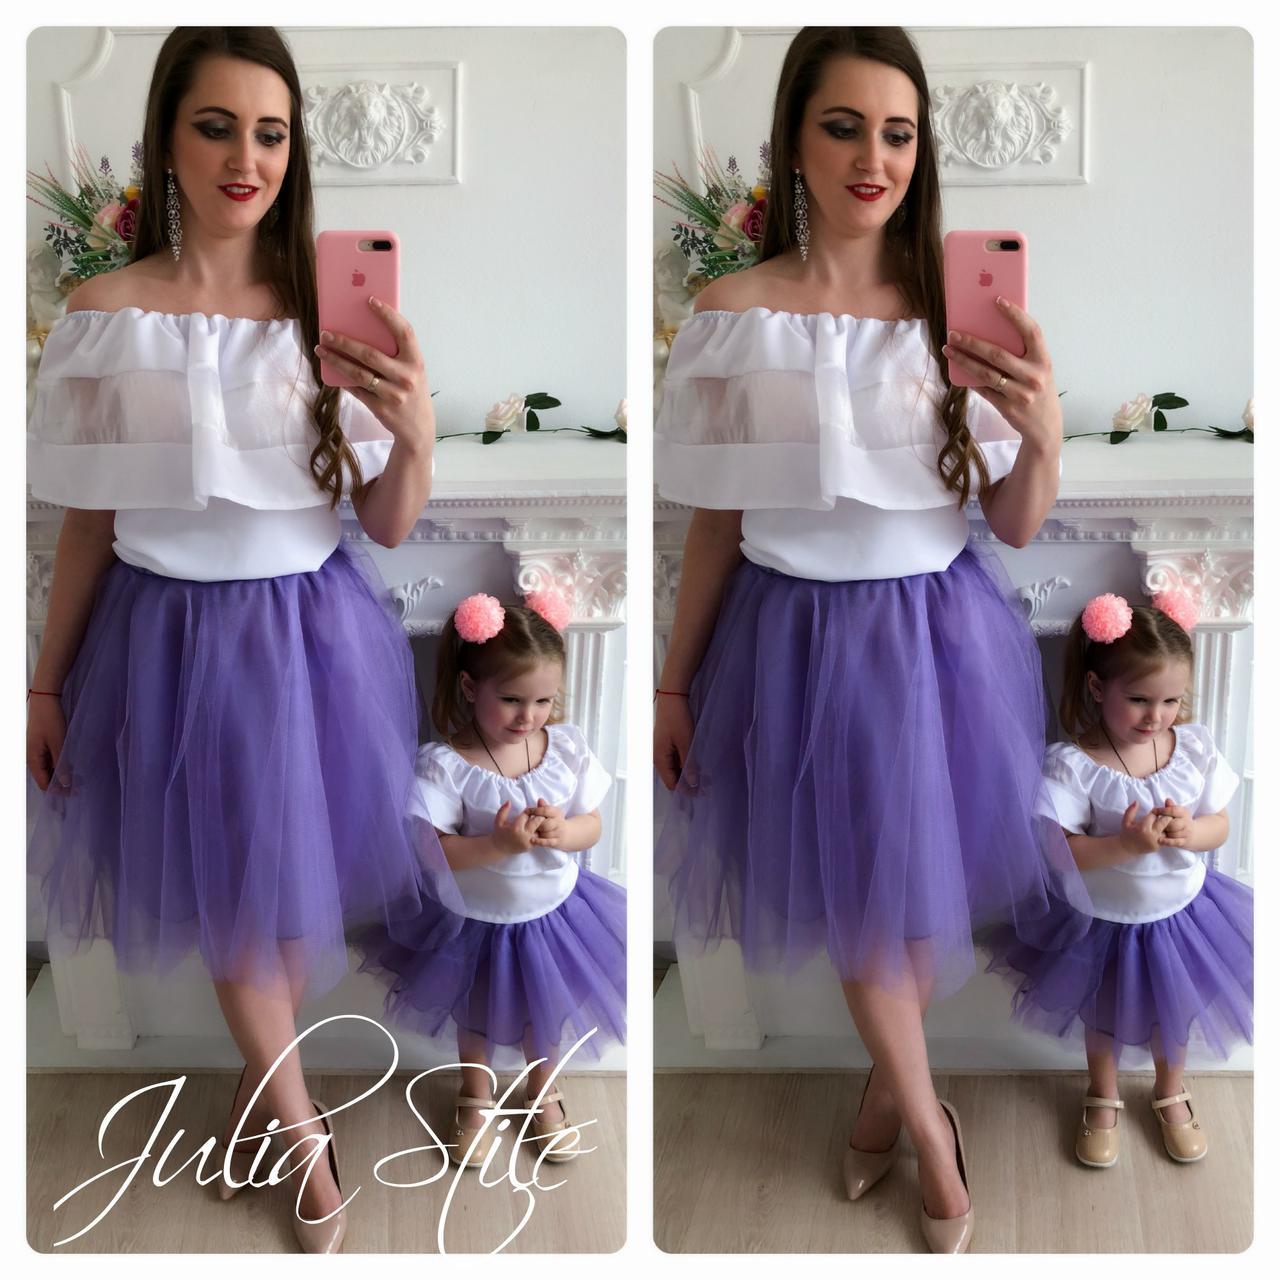 Однакові святкові костюми мама і донька